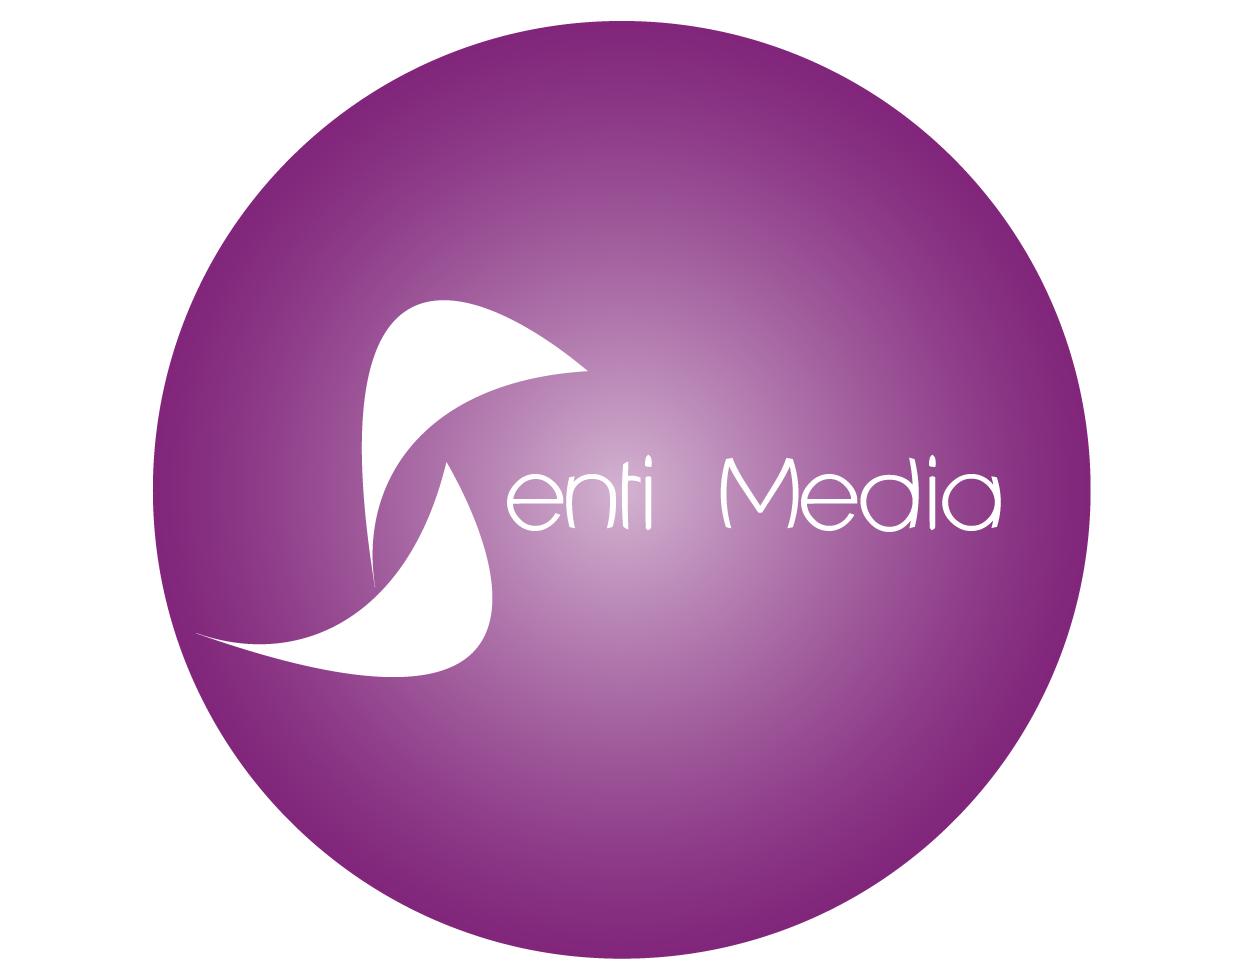 Senti Media